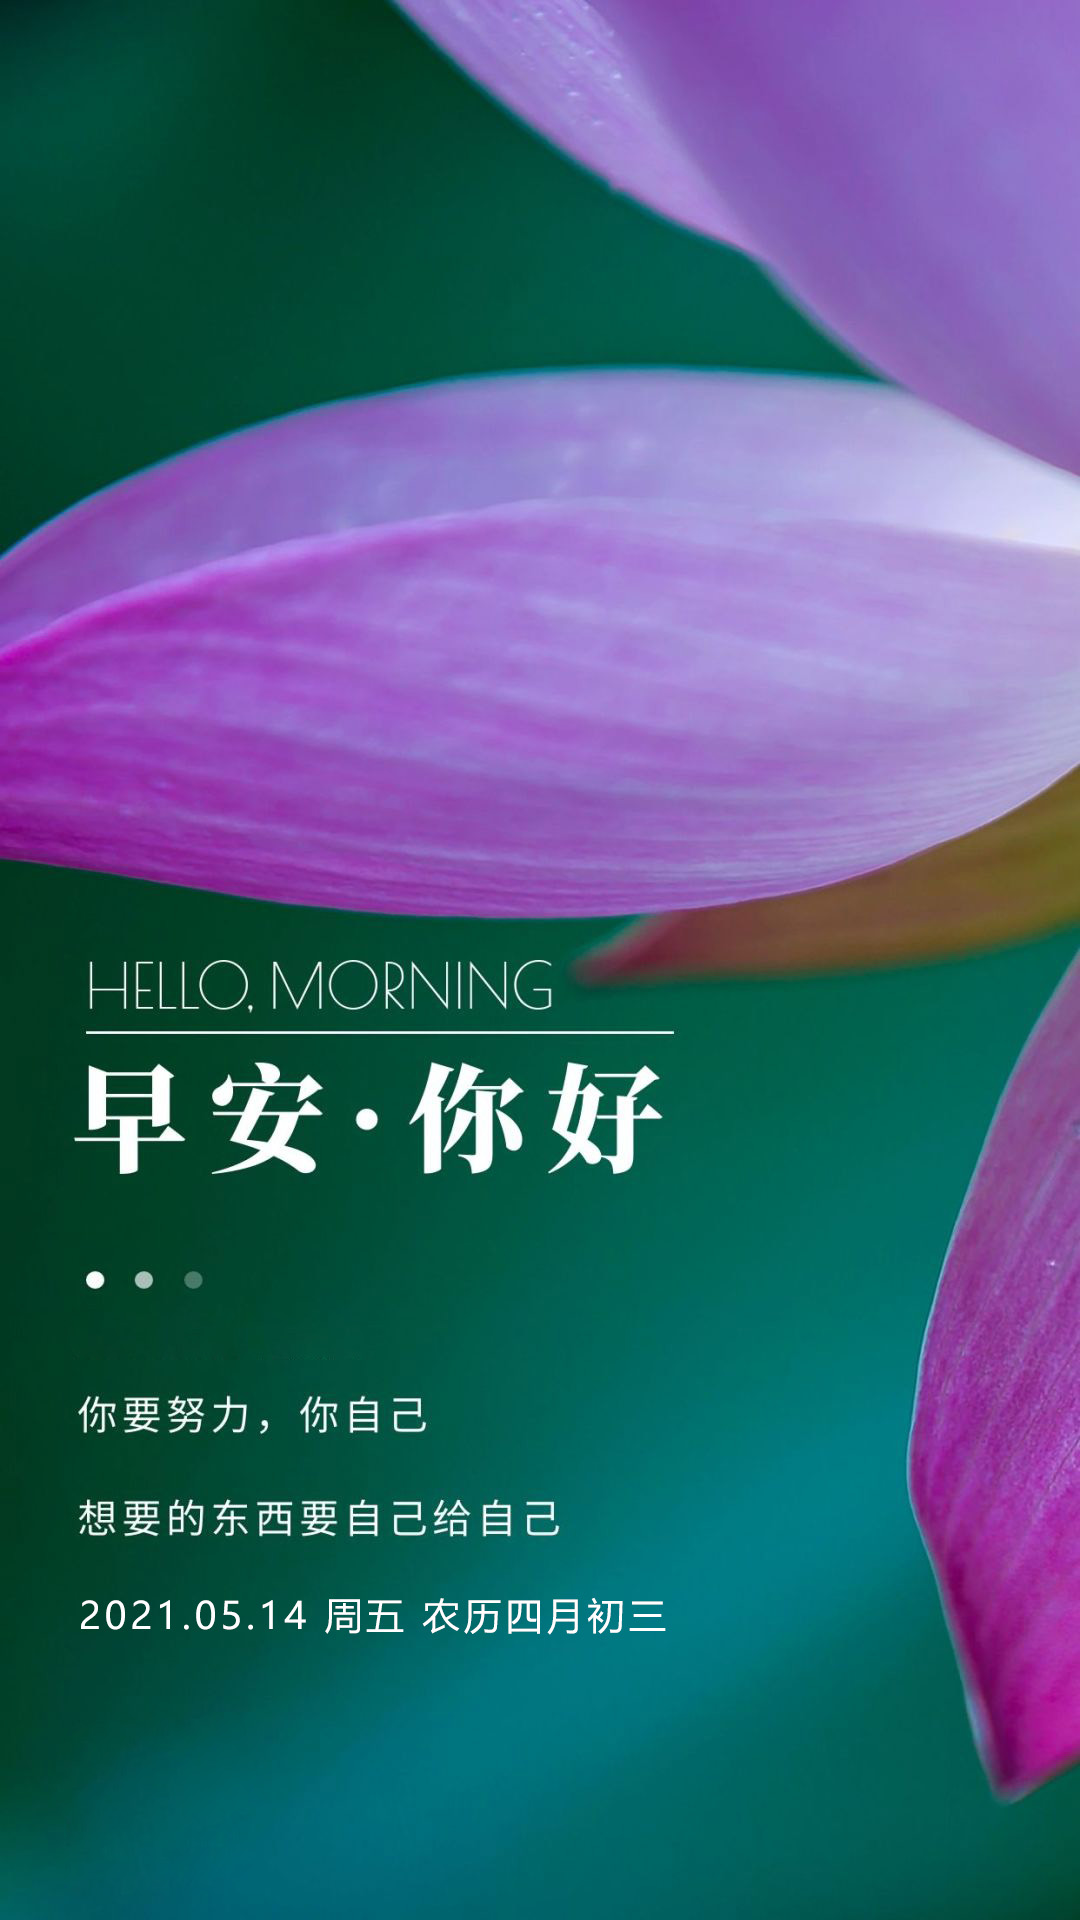 朋友圈发早上好的正能量图片语录,阳光早晨问候语句,饱满深刻